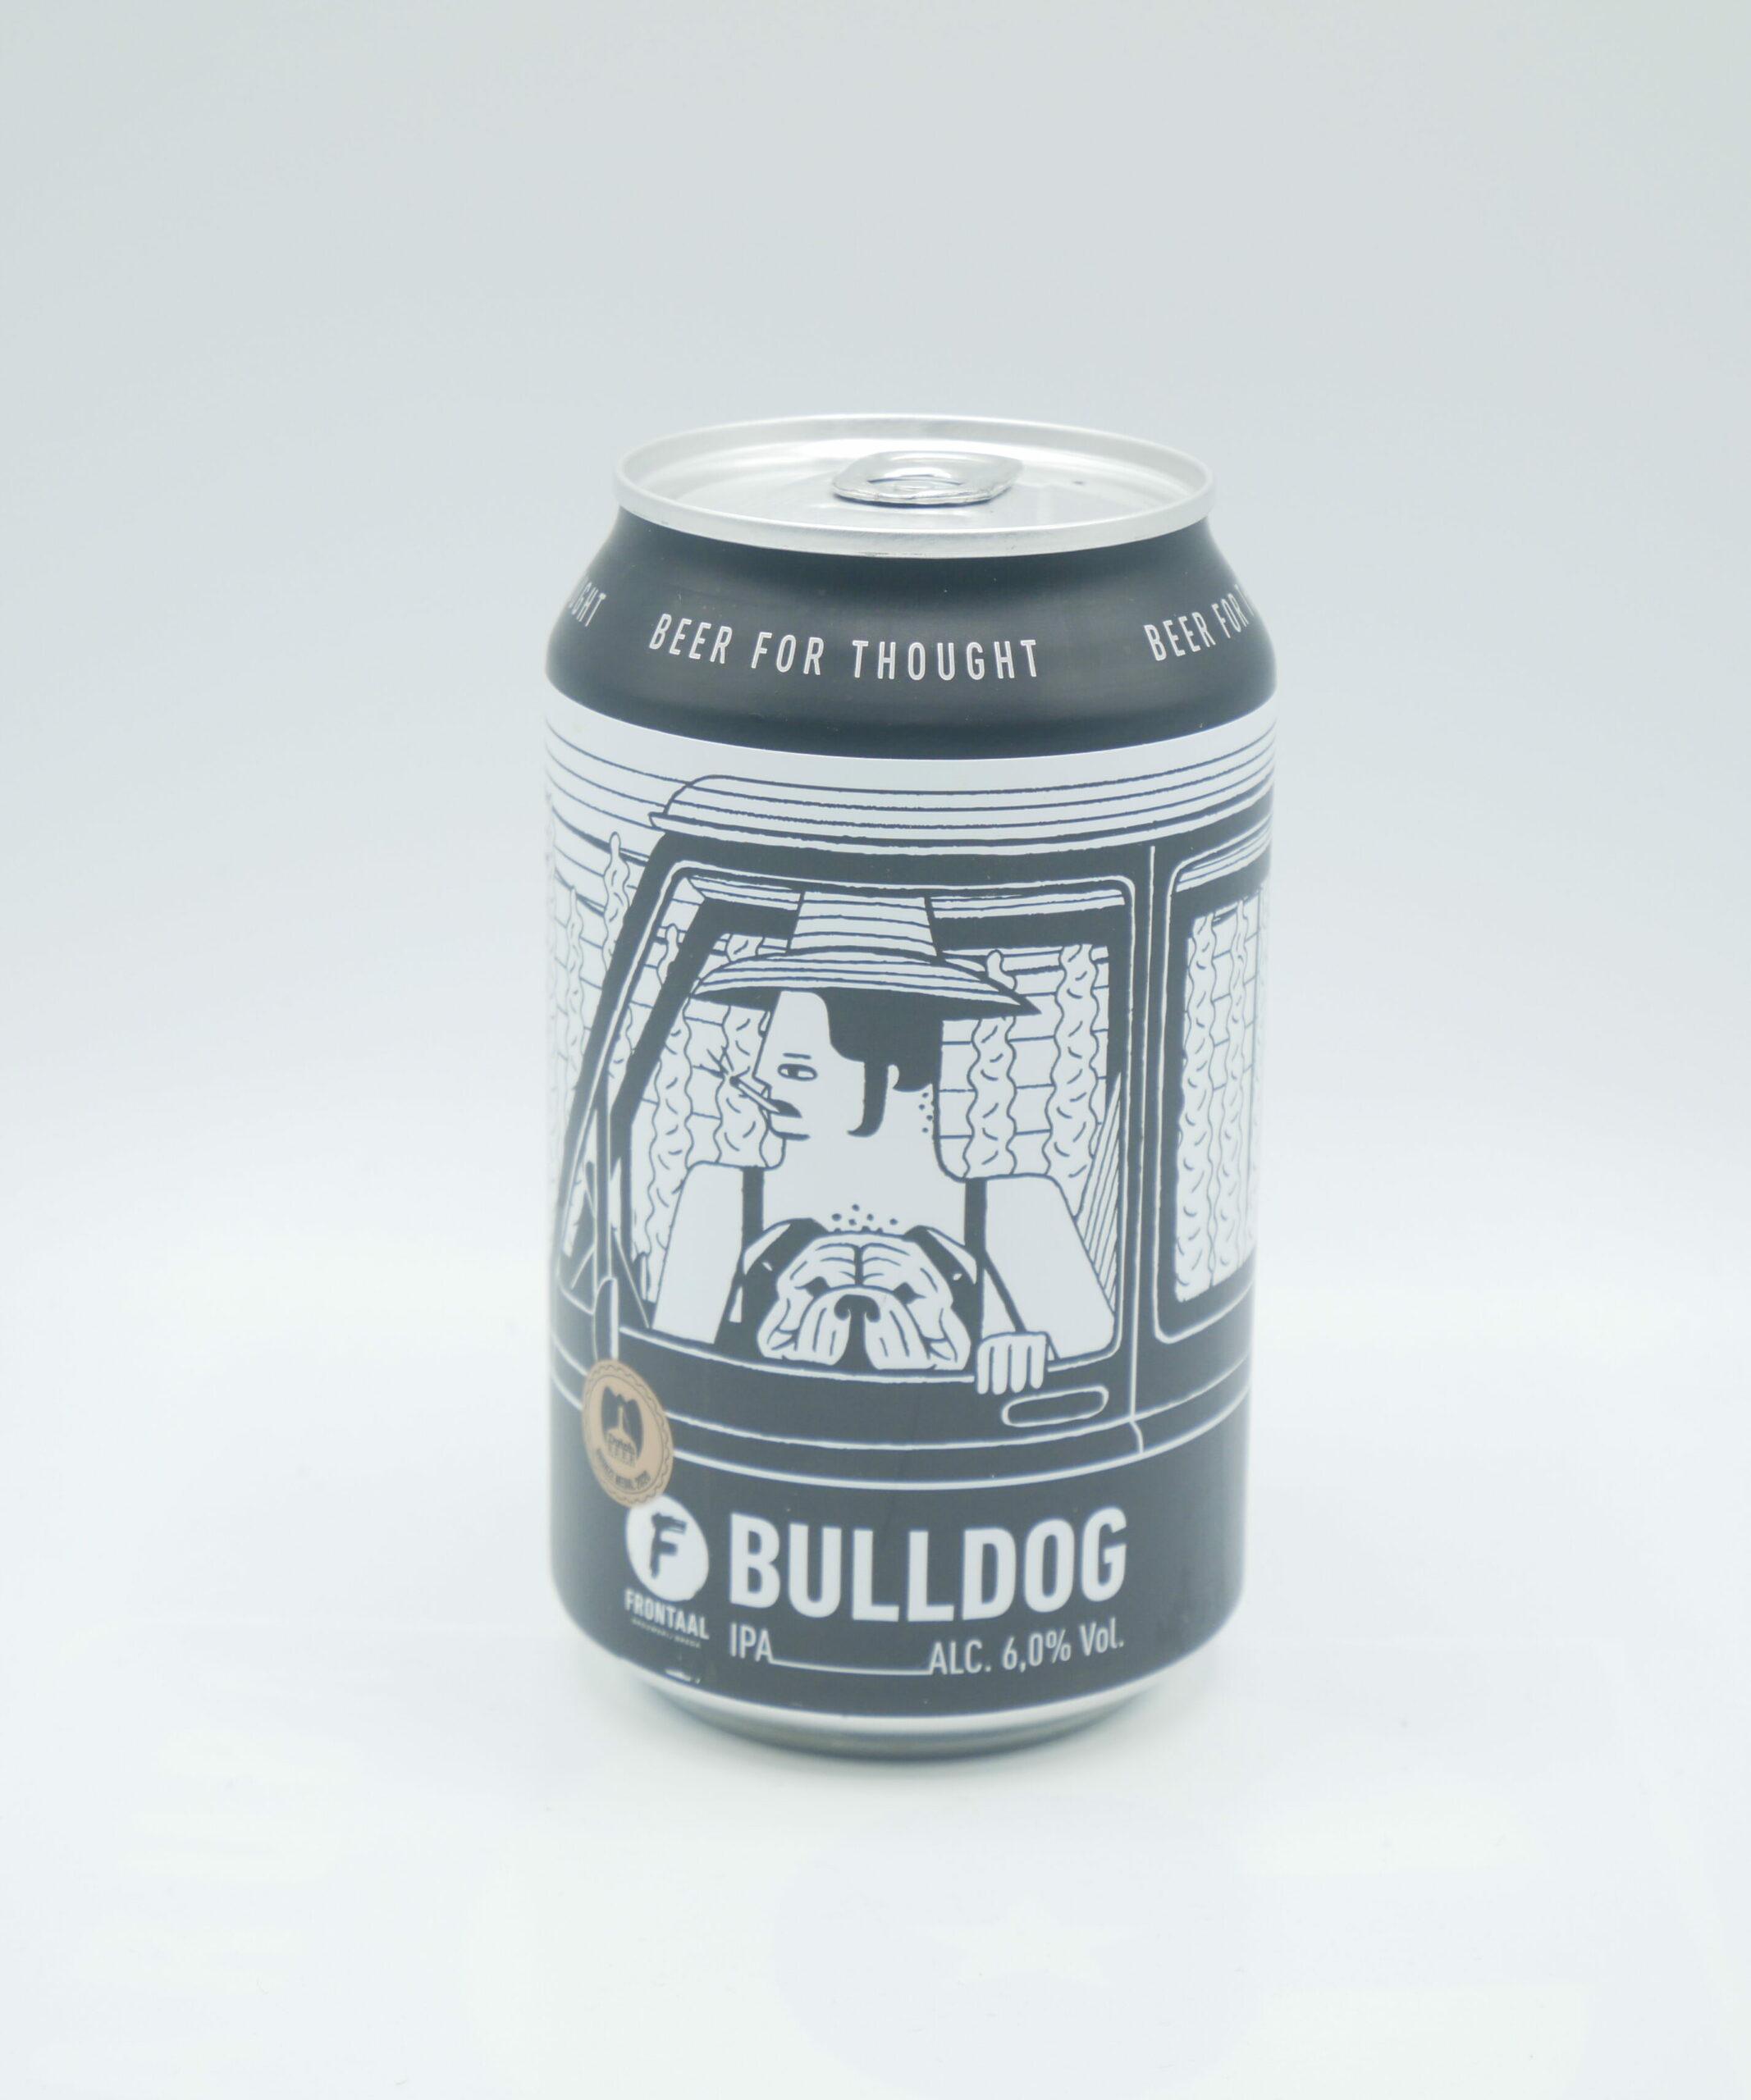 Image Bulldog